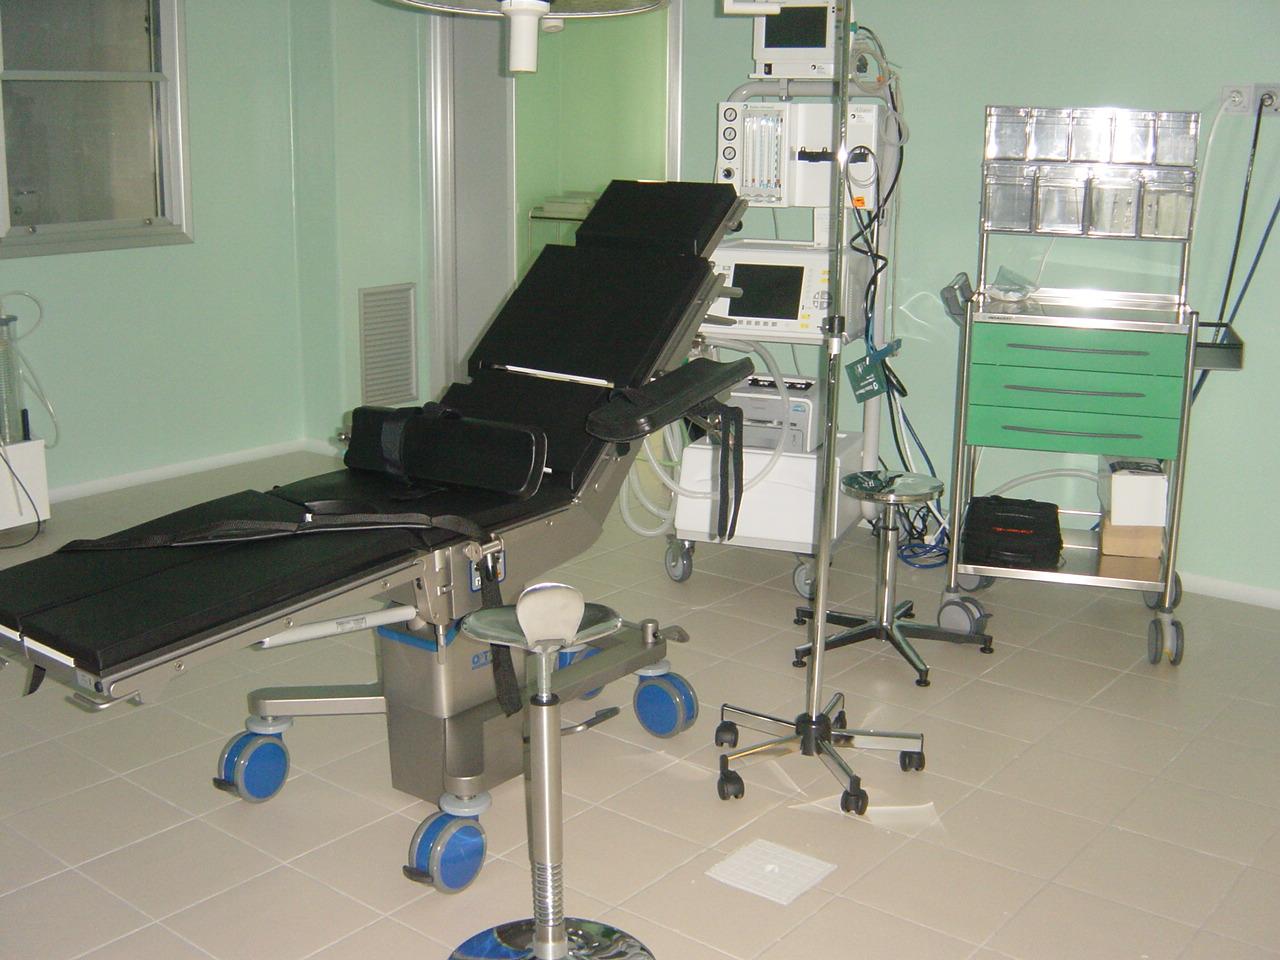 Krasnoyarsk al centro di chirurgia caldamente vascolare